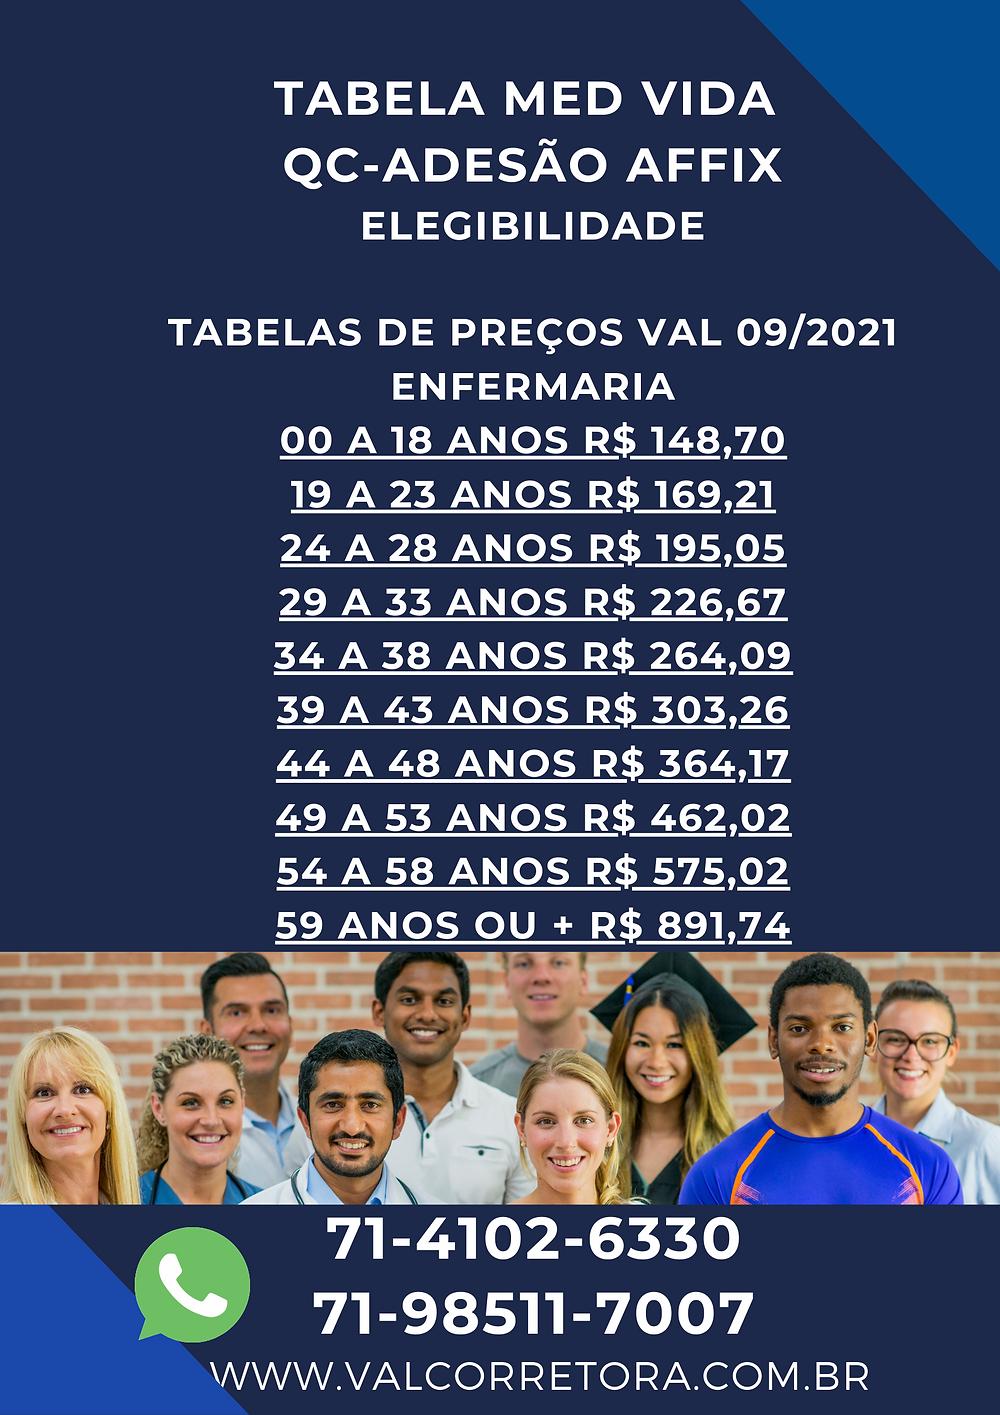 TABELAS MEDVIDA ADESÃO BA